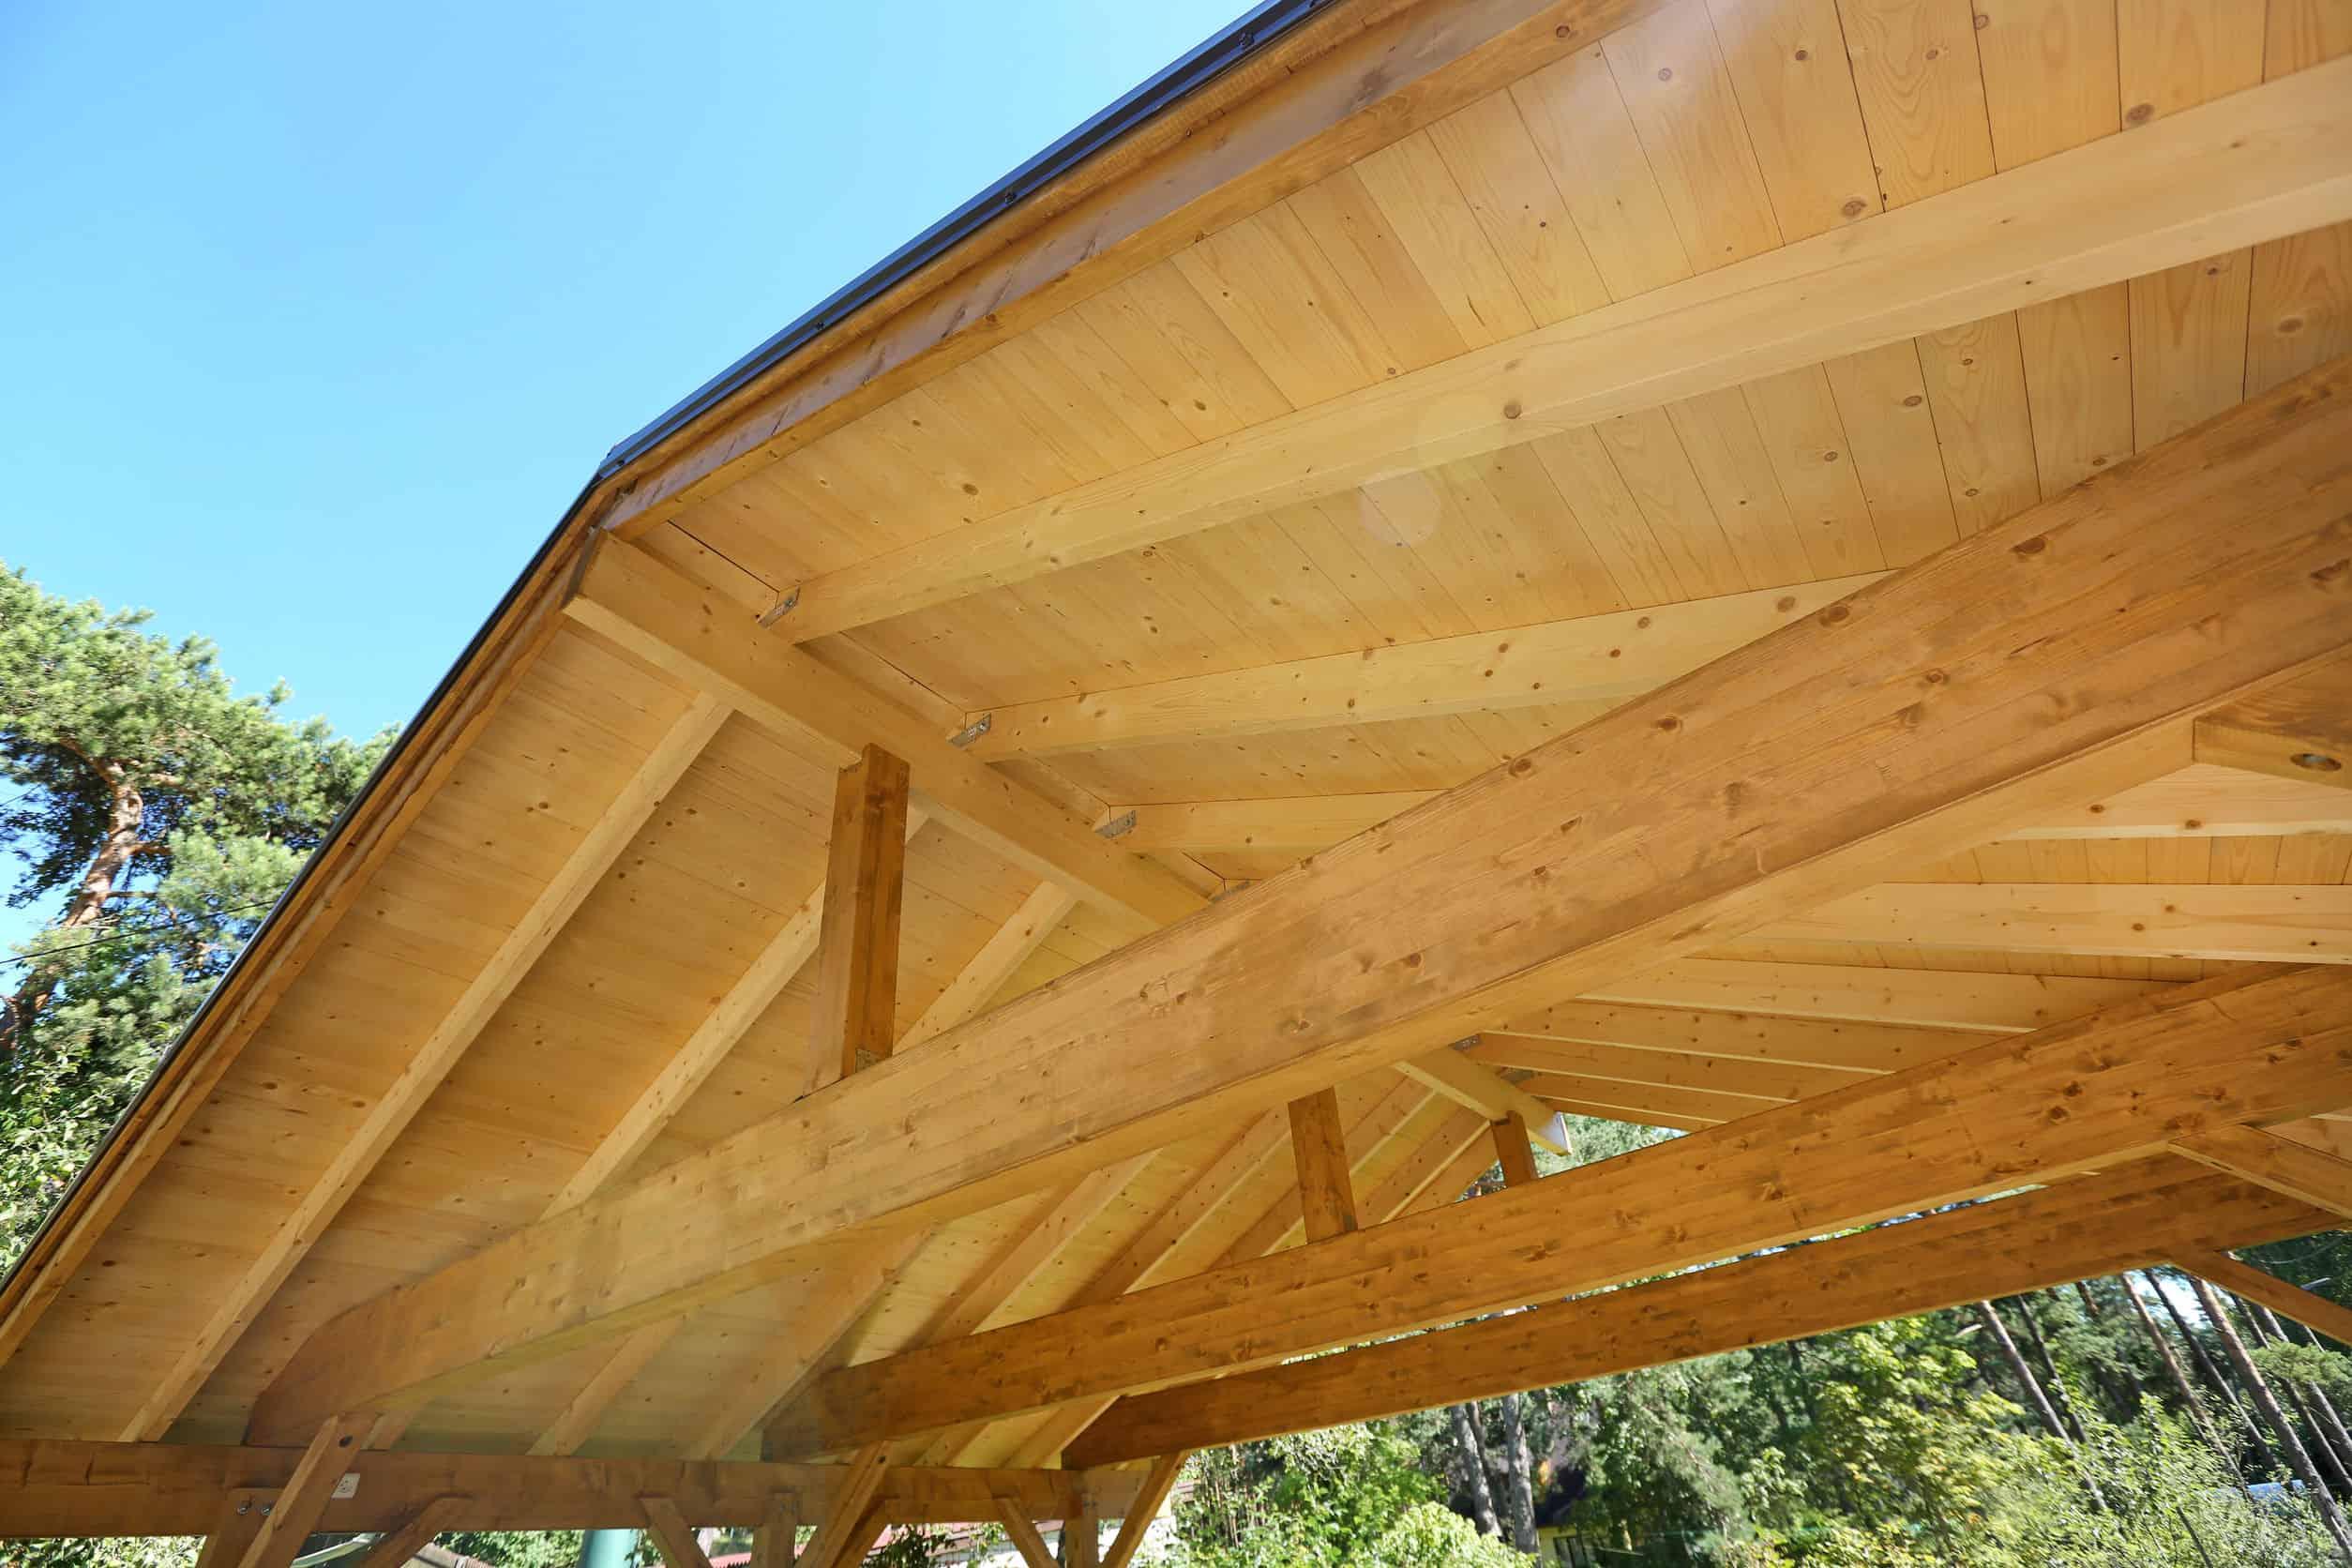 Selbstklebende Dachpappe: Test & Empfehlungen (06/20)